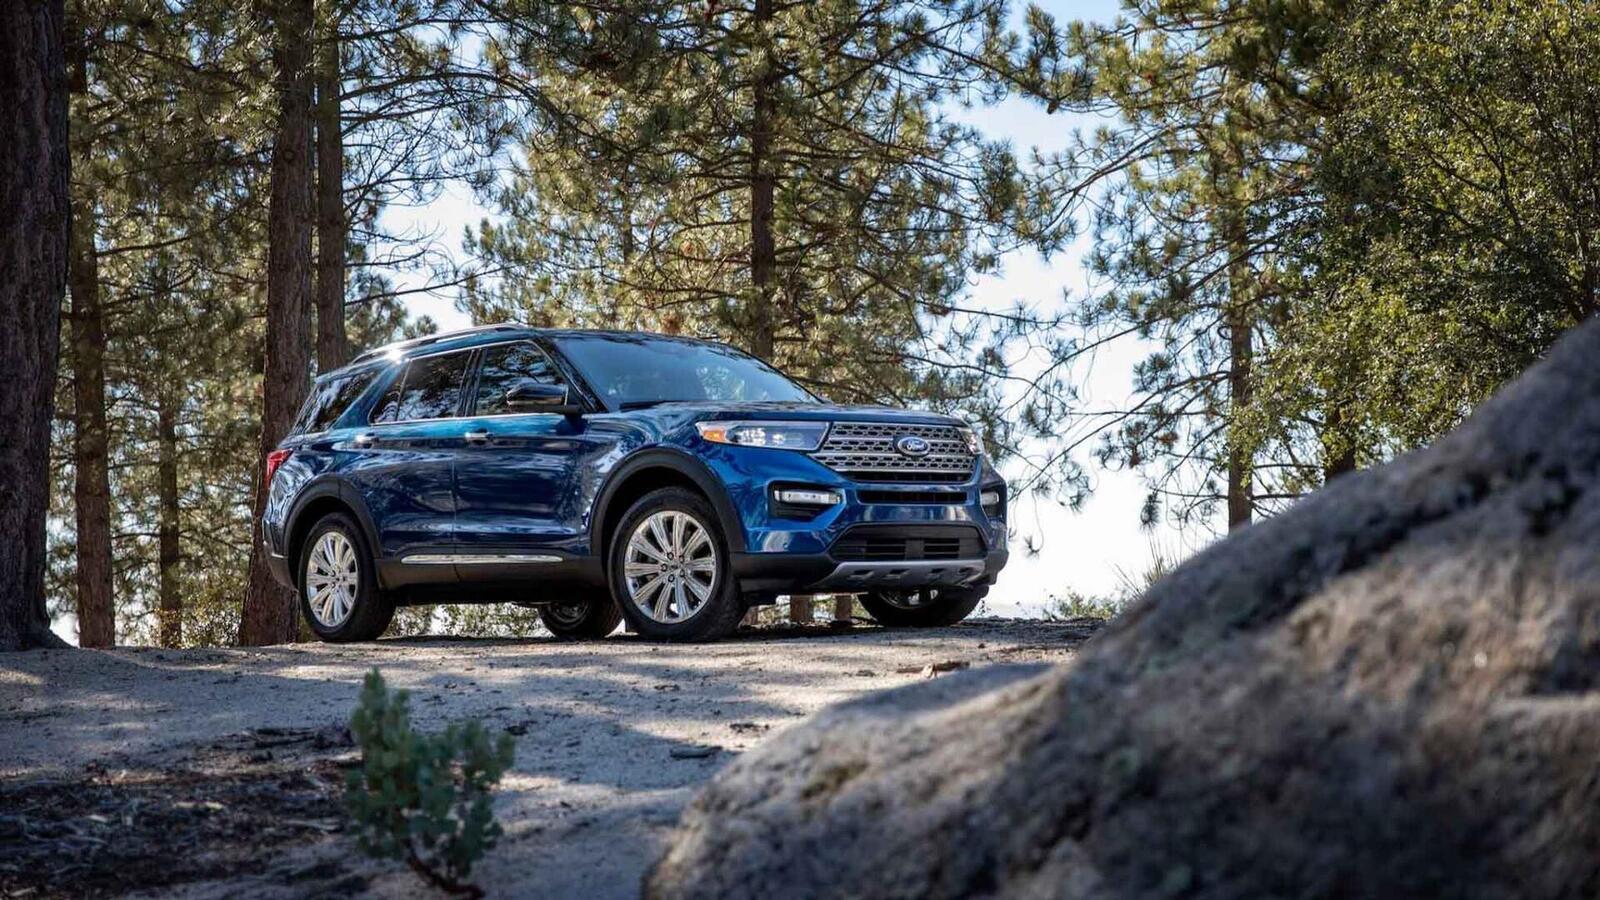 Ford Explorer 2020 thế hệ mới ra mắt; thiết kế mới và cải thiện khả năng vận hành - Hình 2